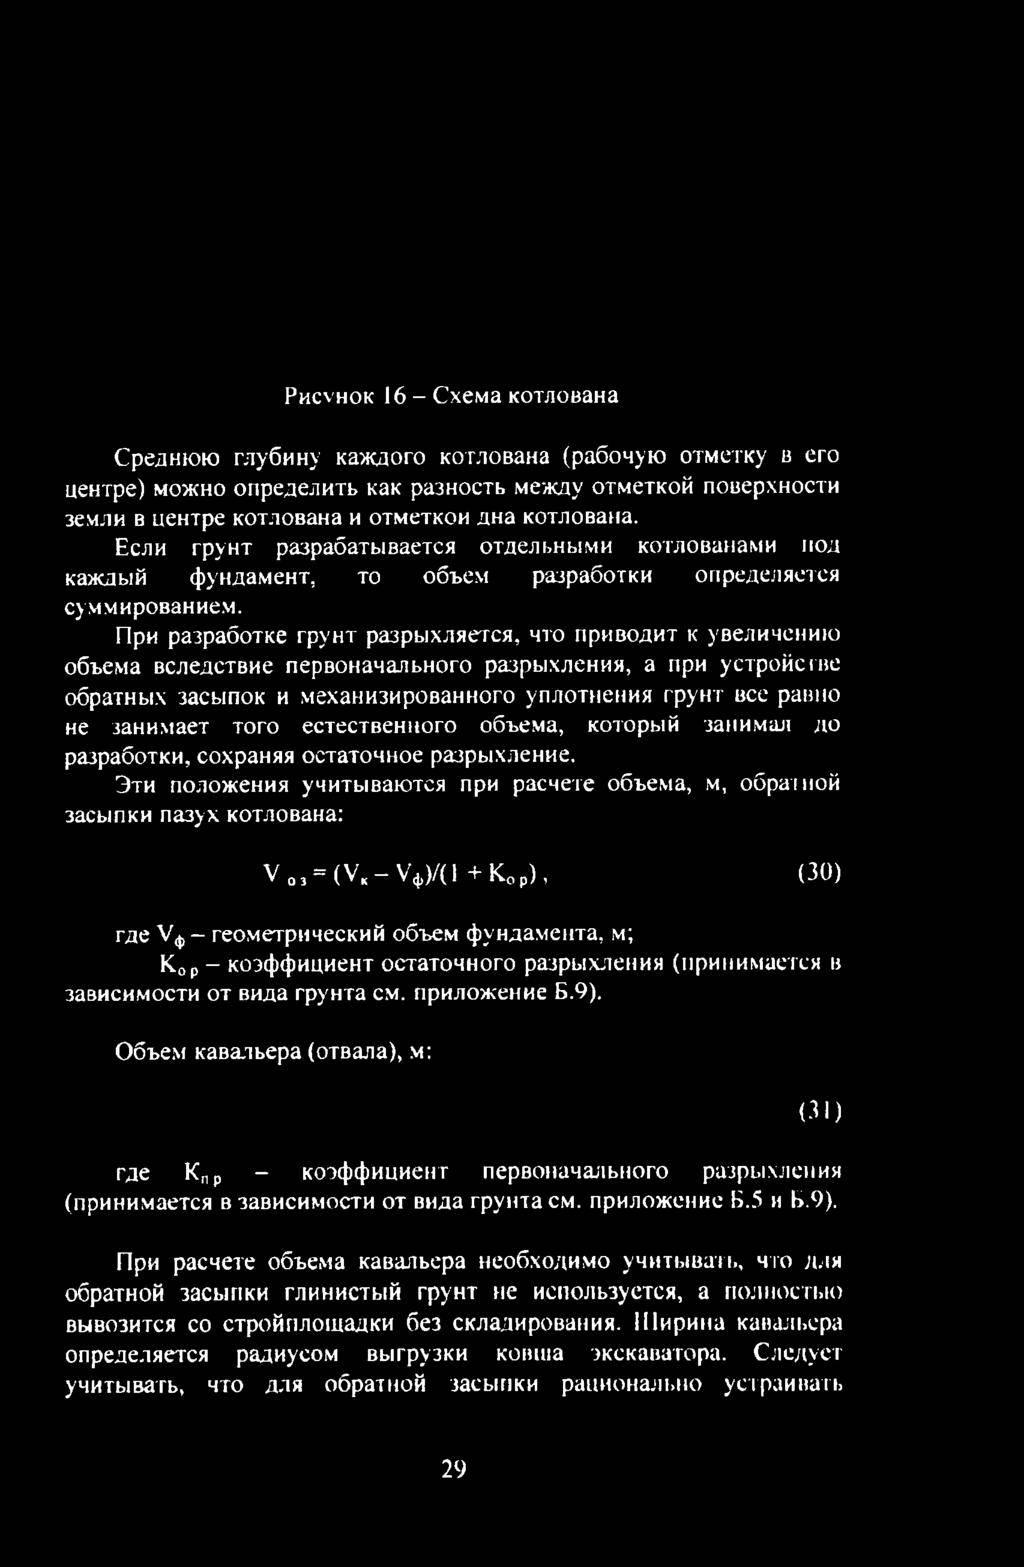 Коэффициенты разрыхления горной породы, наполнения ковша экскаватора (погрузчика) и экскавации (по енв 1989г.)